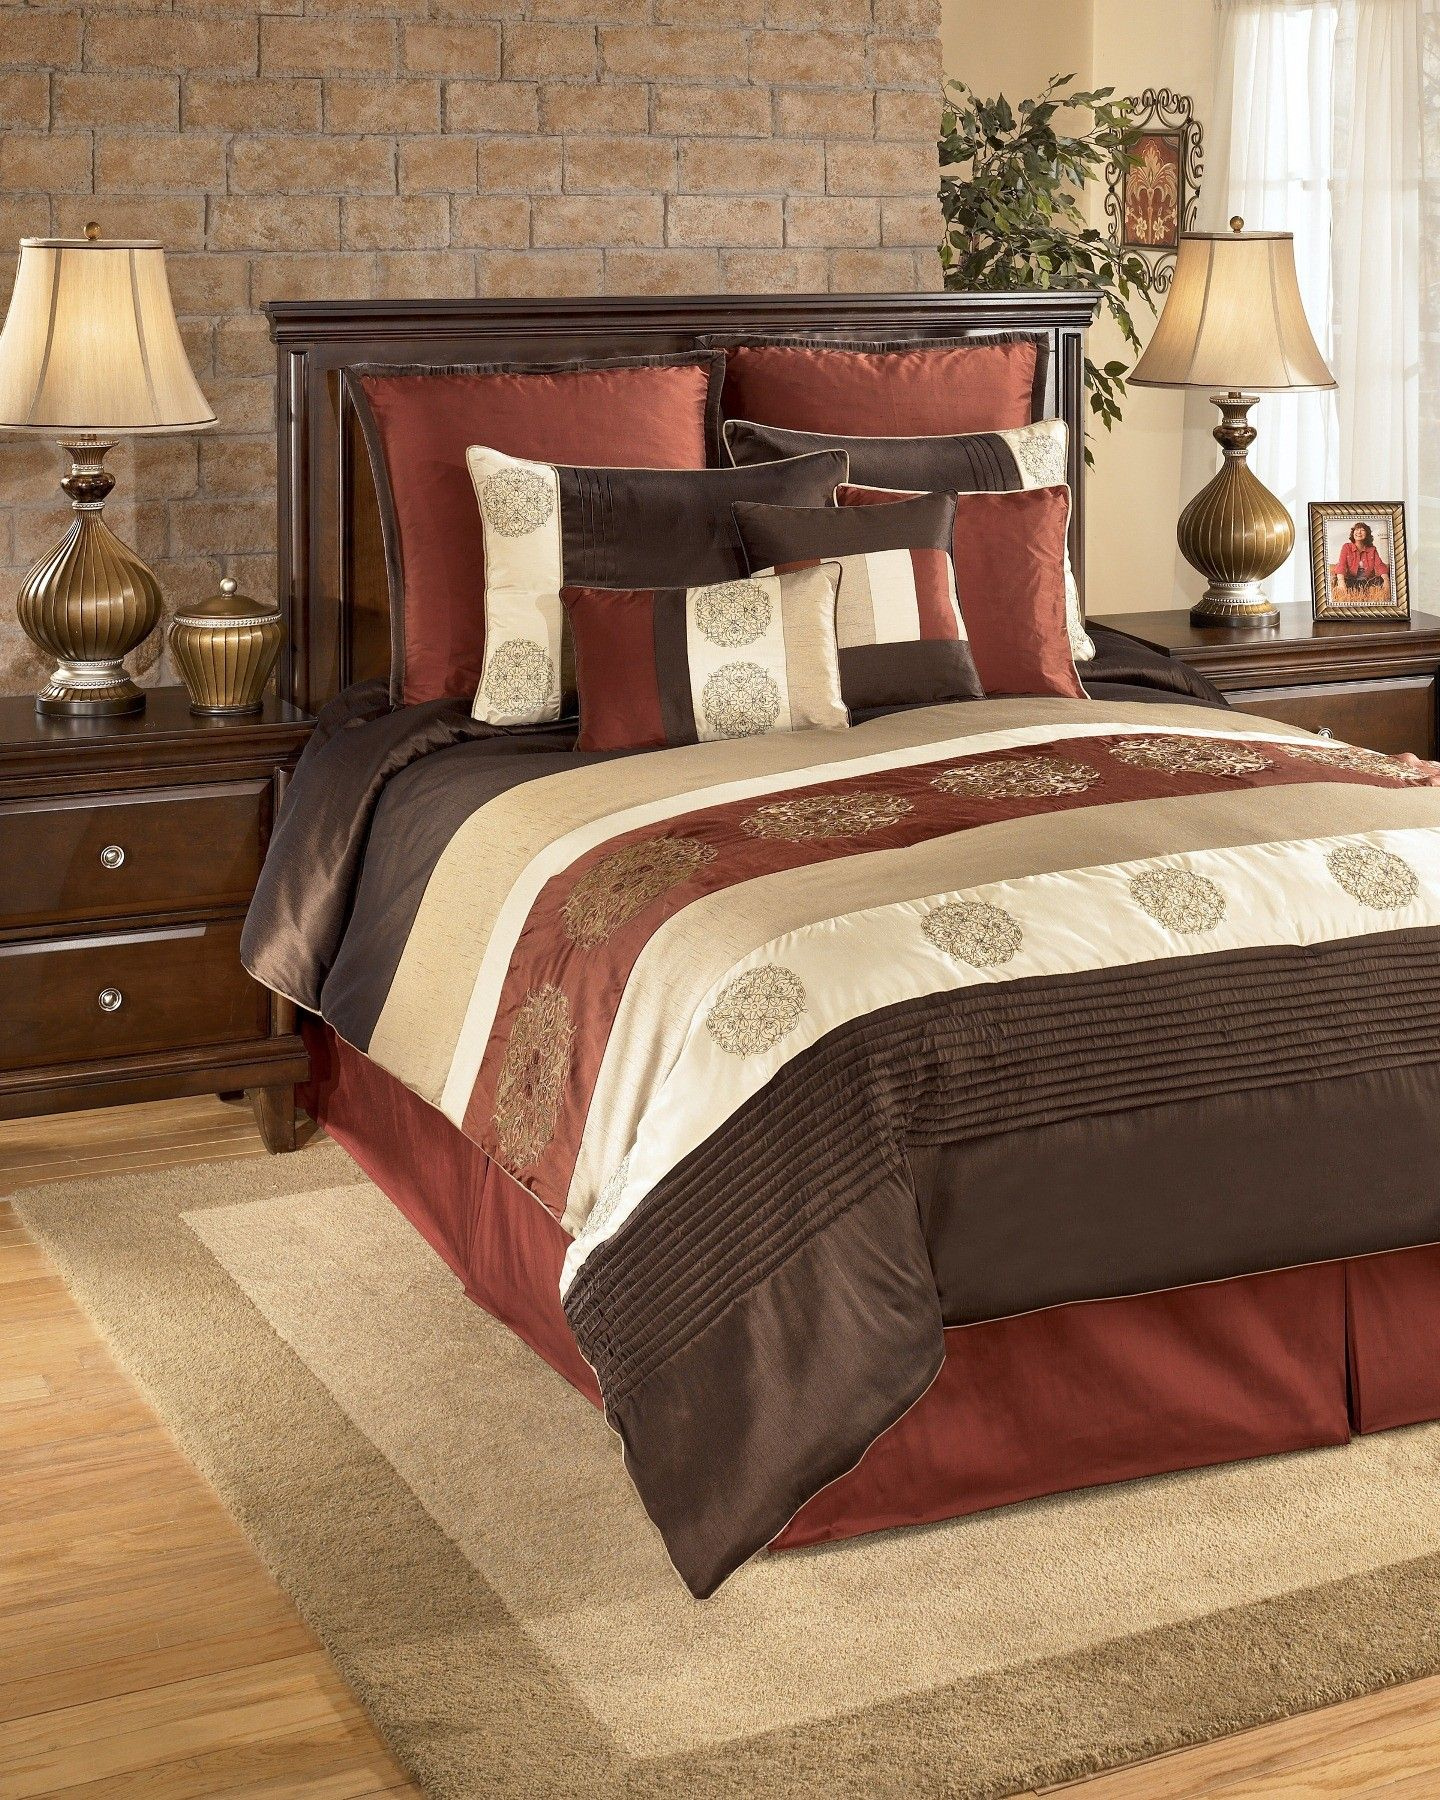 Oversized King Size Bedding 126x120 Milano Russett King Bedding